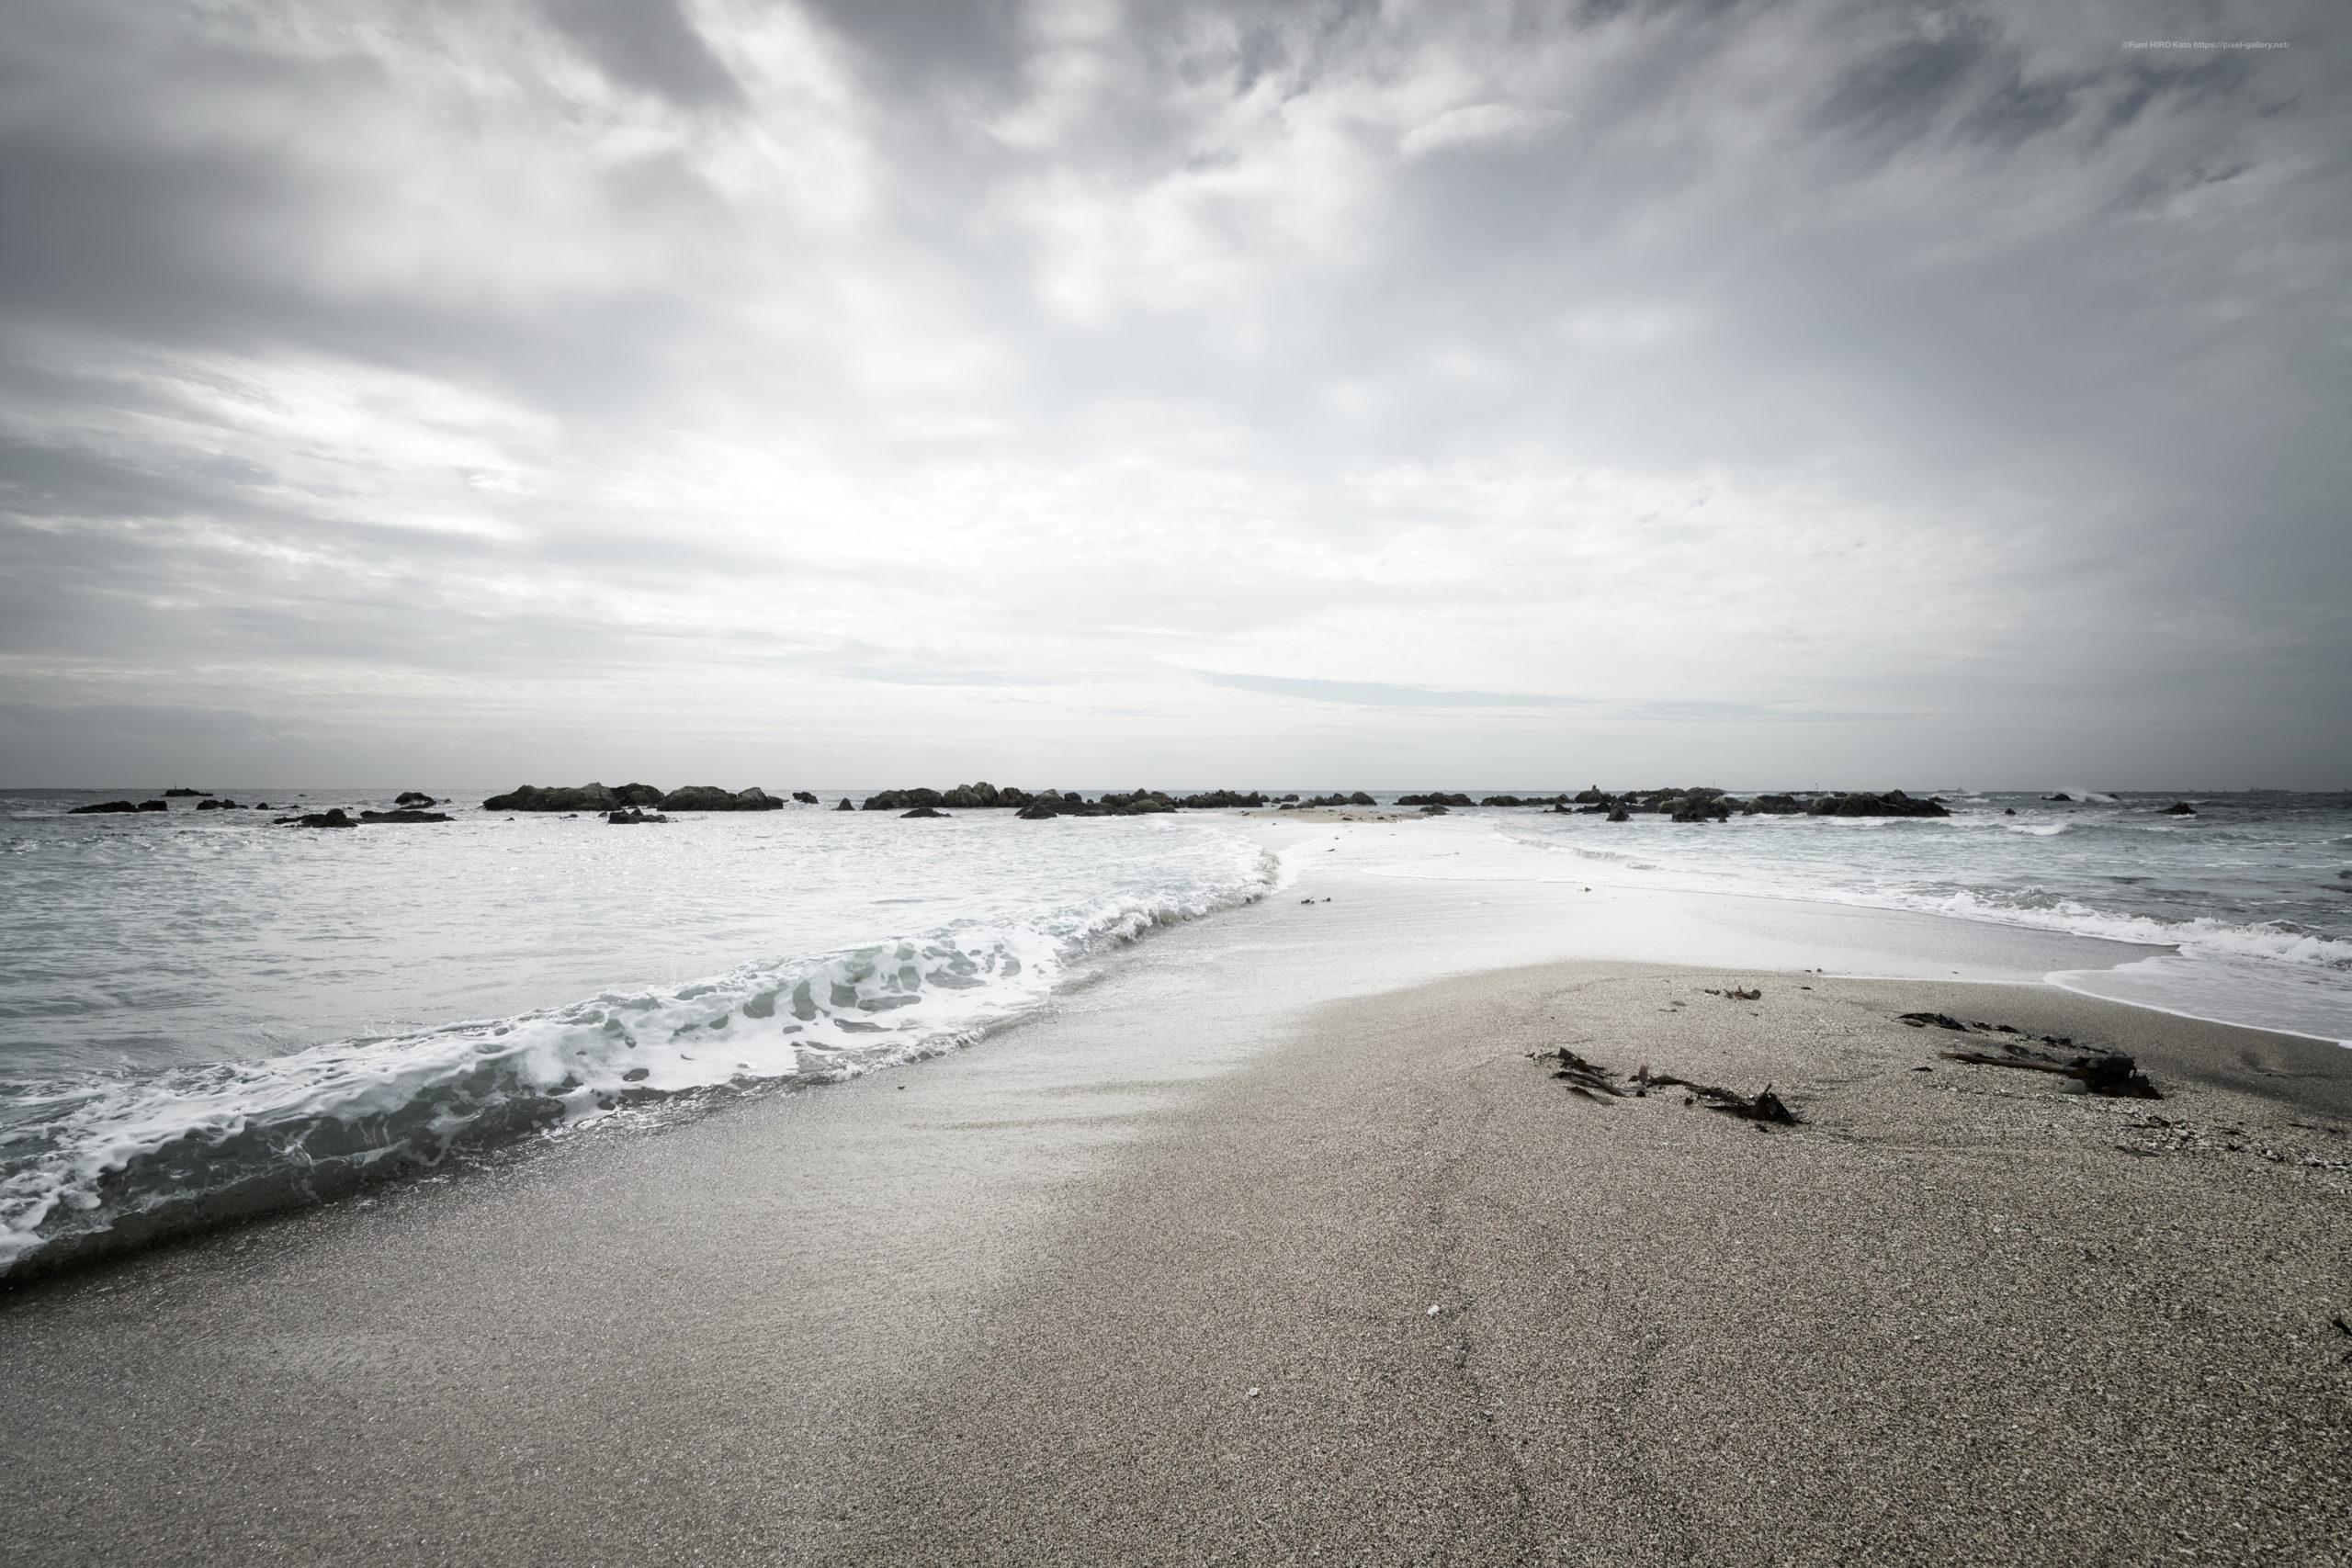 海景 20-024 砂州、向き合う波